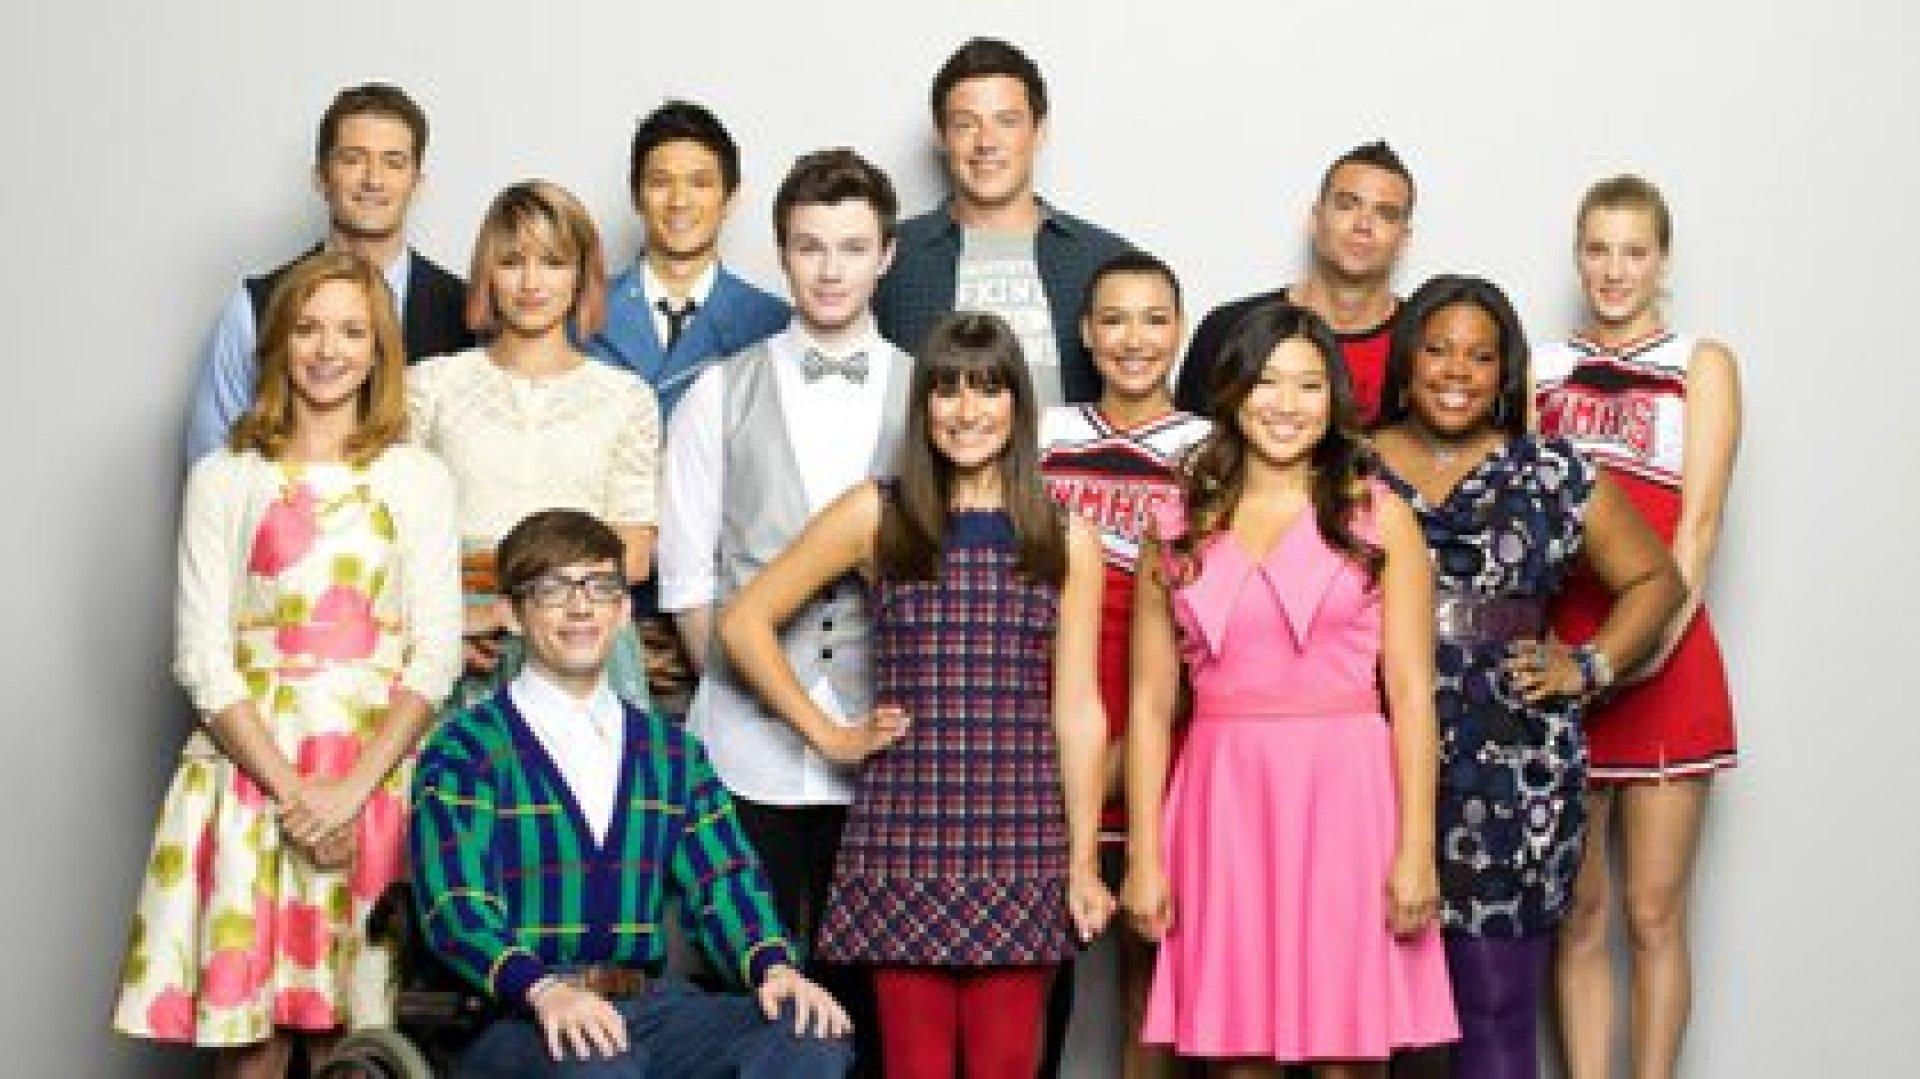 """En 2020, ex integrantes del elenco de """"Glee"""" criticaron a Lea Michele por su actitud racista, egocéntrica, altiva y cruel (Foto: Glee/FOX)"""